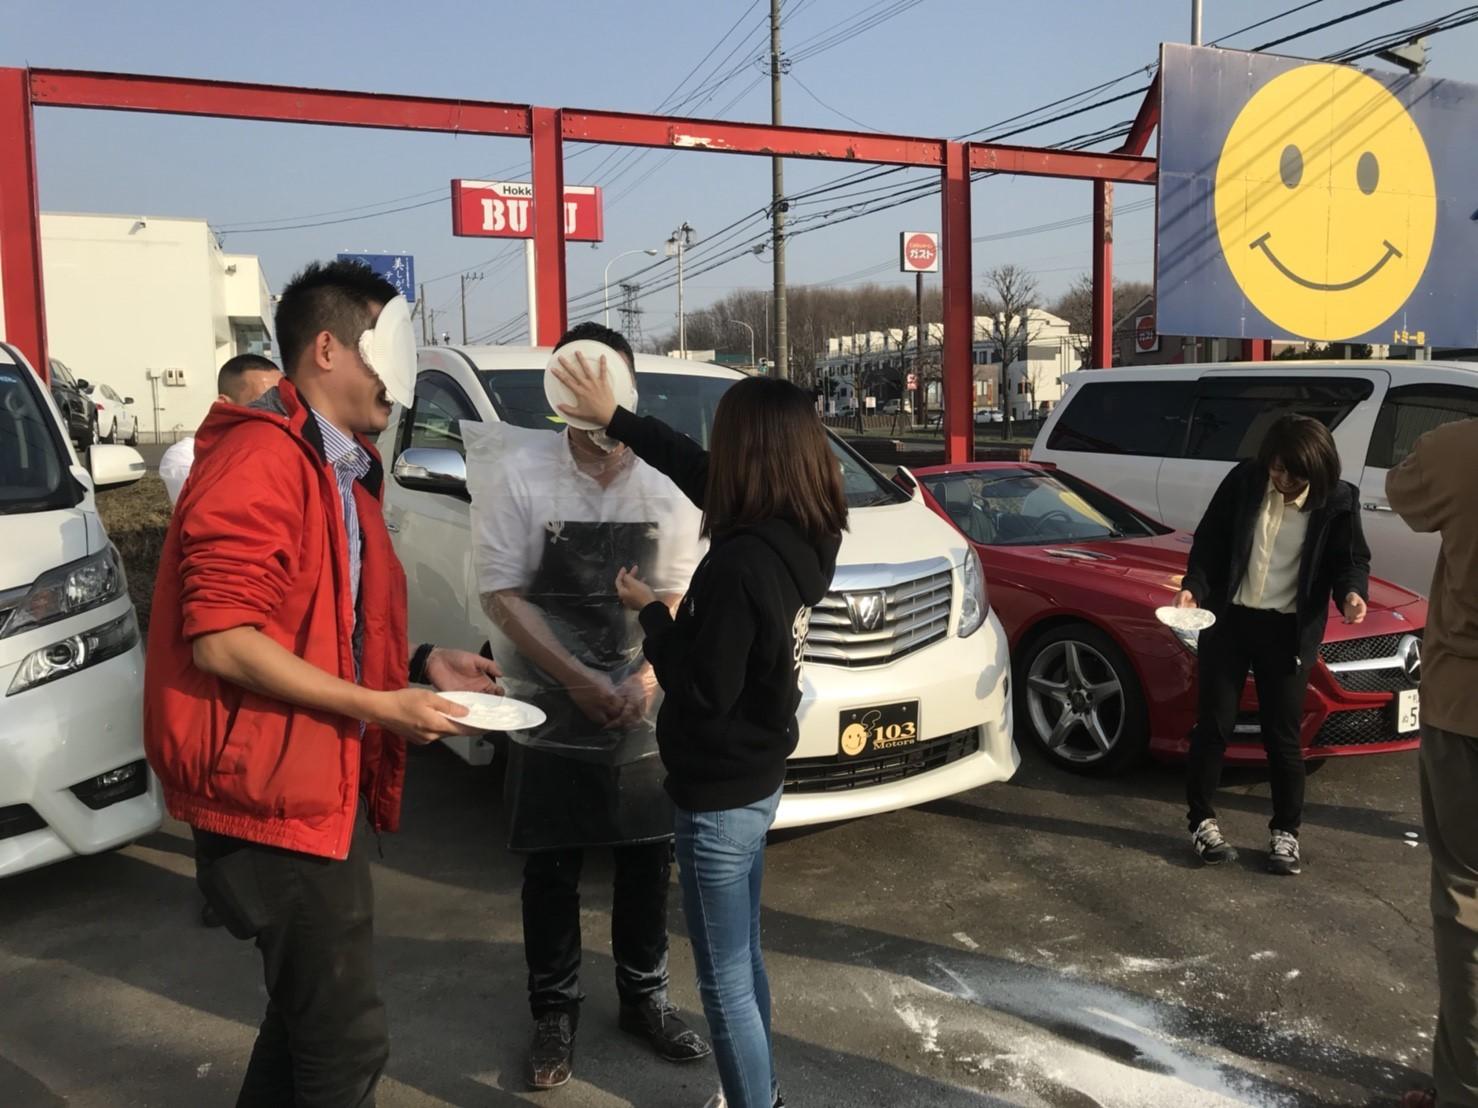 4月23日(月)トミーベース カスタムブログ☆S様キャンバス O様フォレスタ納車☆_b0127002_13053146.jpg